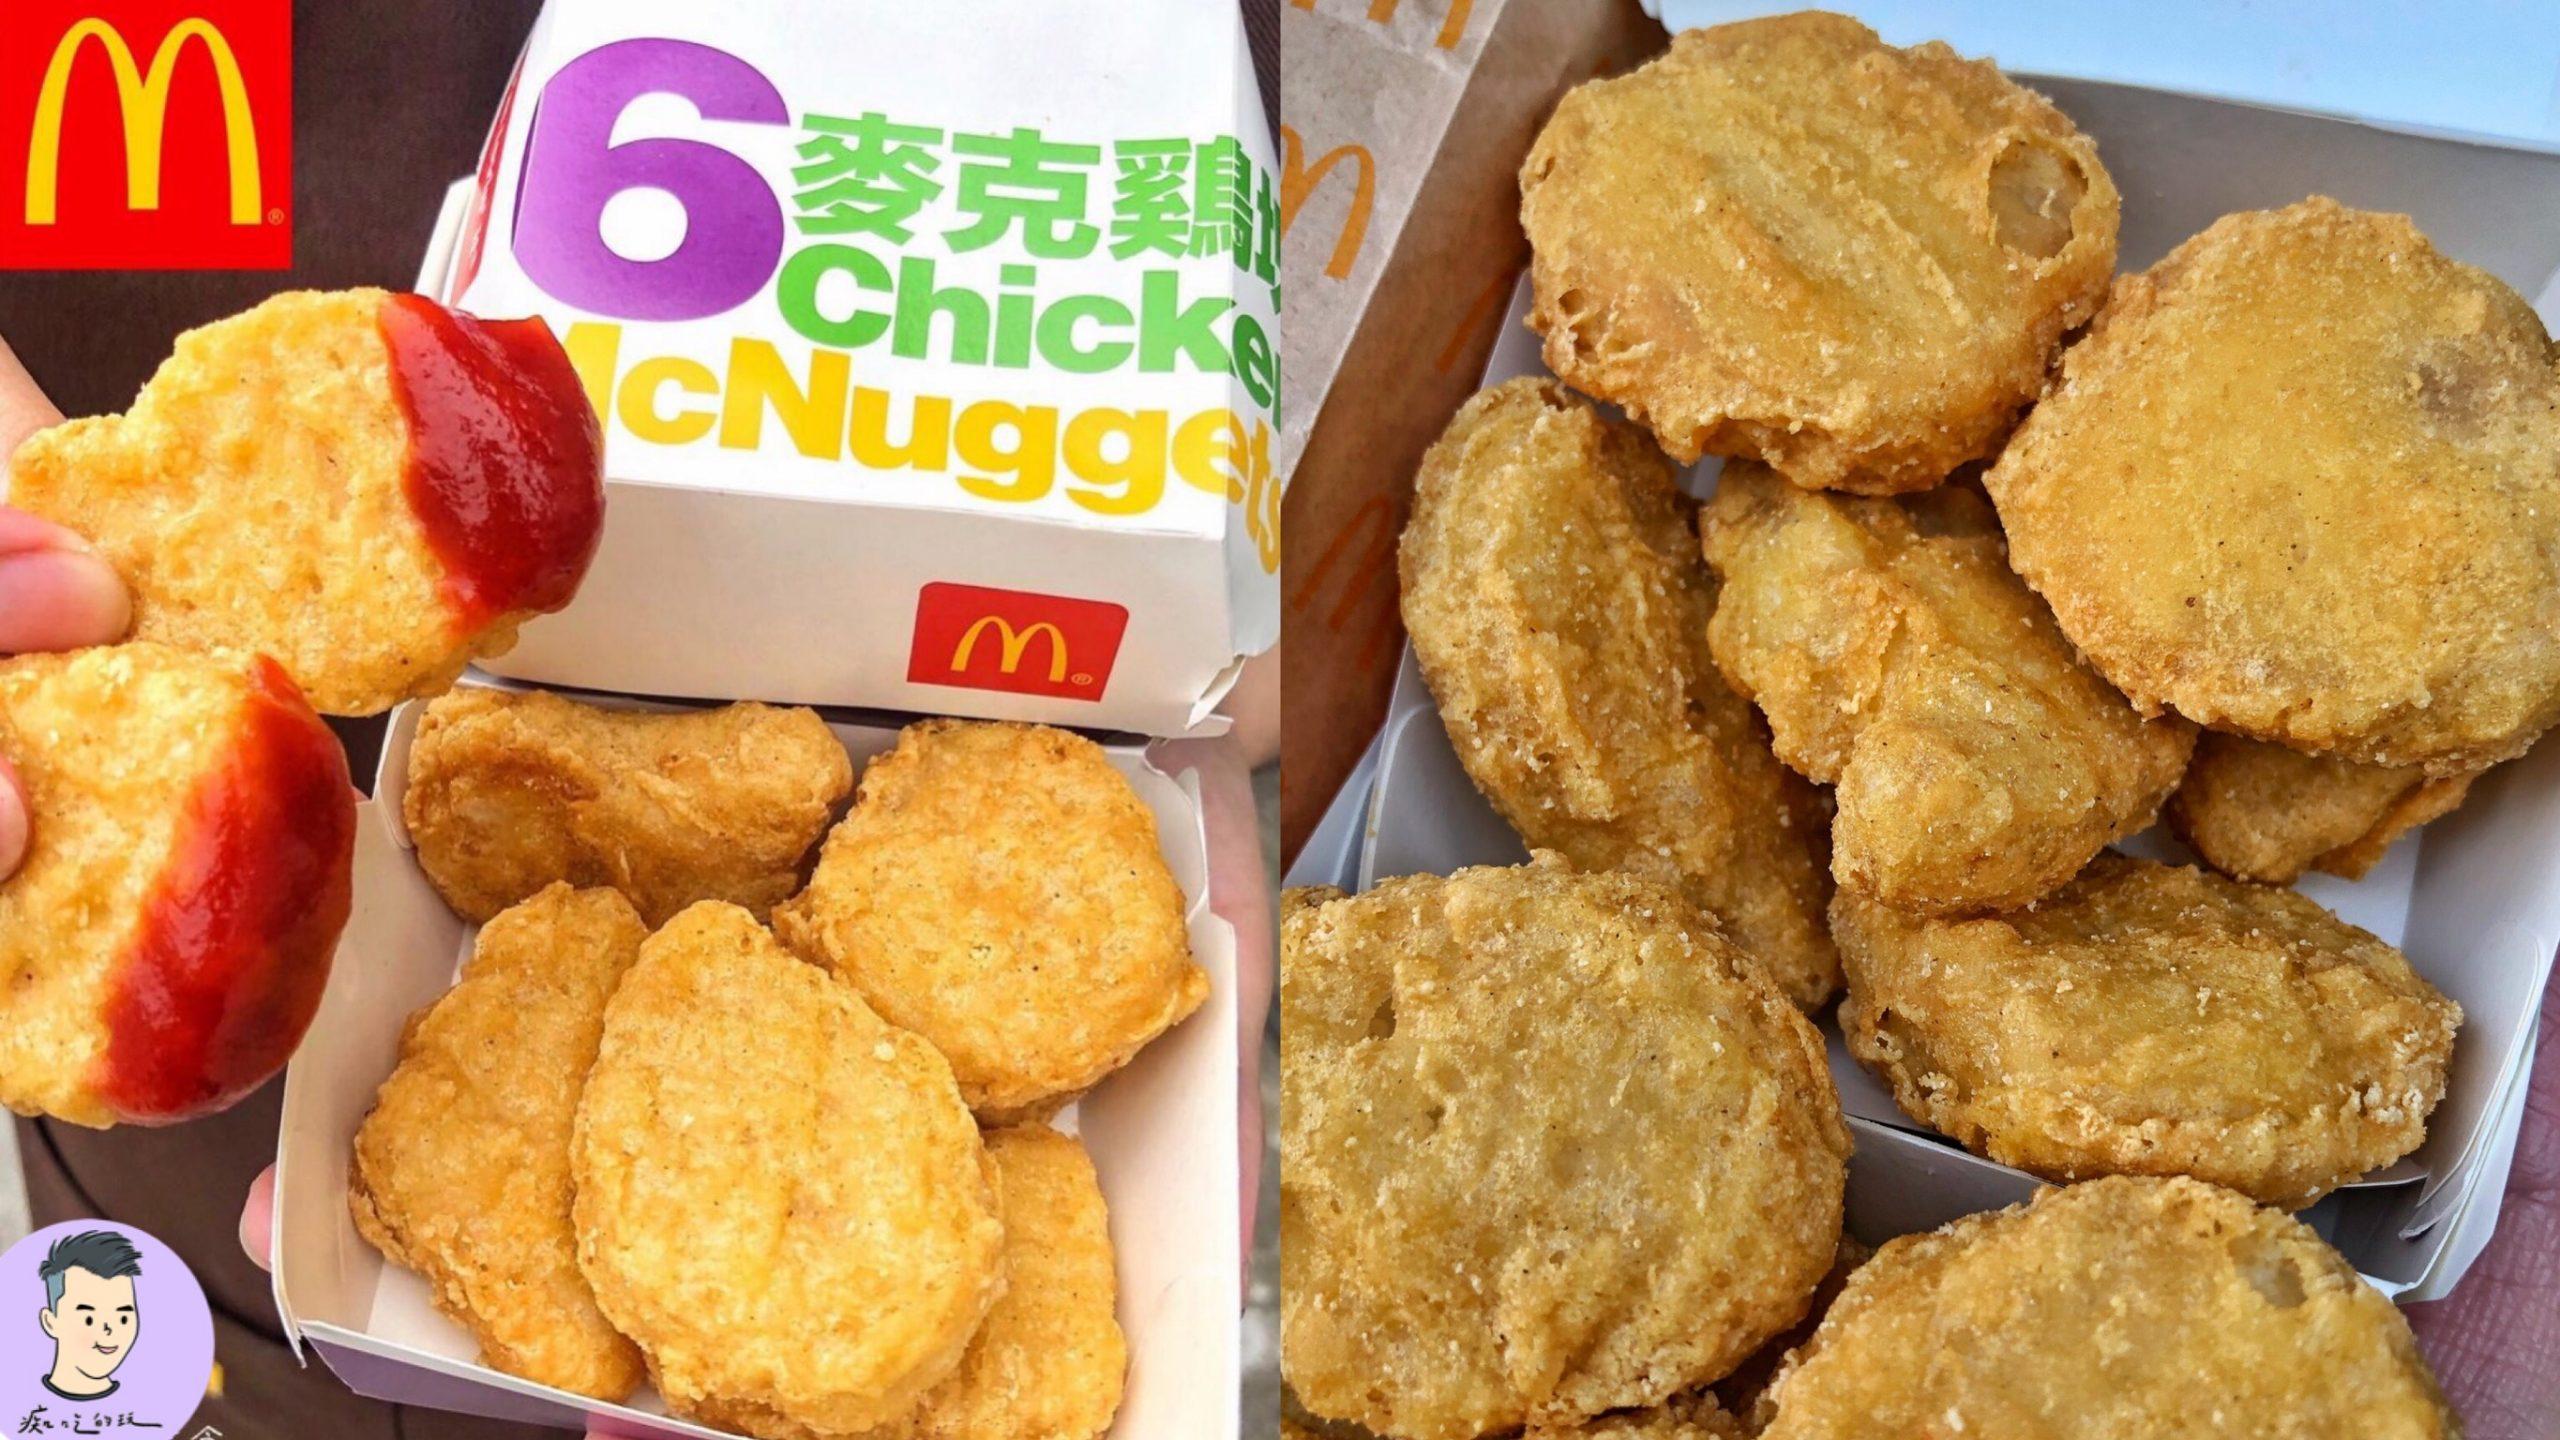 麥當勞推出超狂「限時代碼優惠券」連續兩個月雞塊、冰炫風買一送一免費爽吃!全台門市都適用